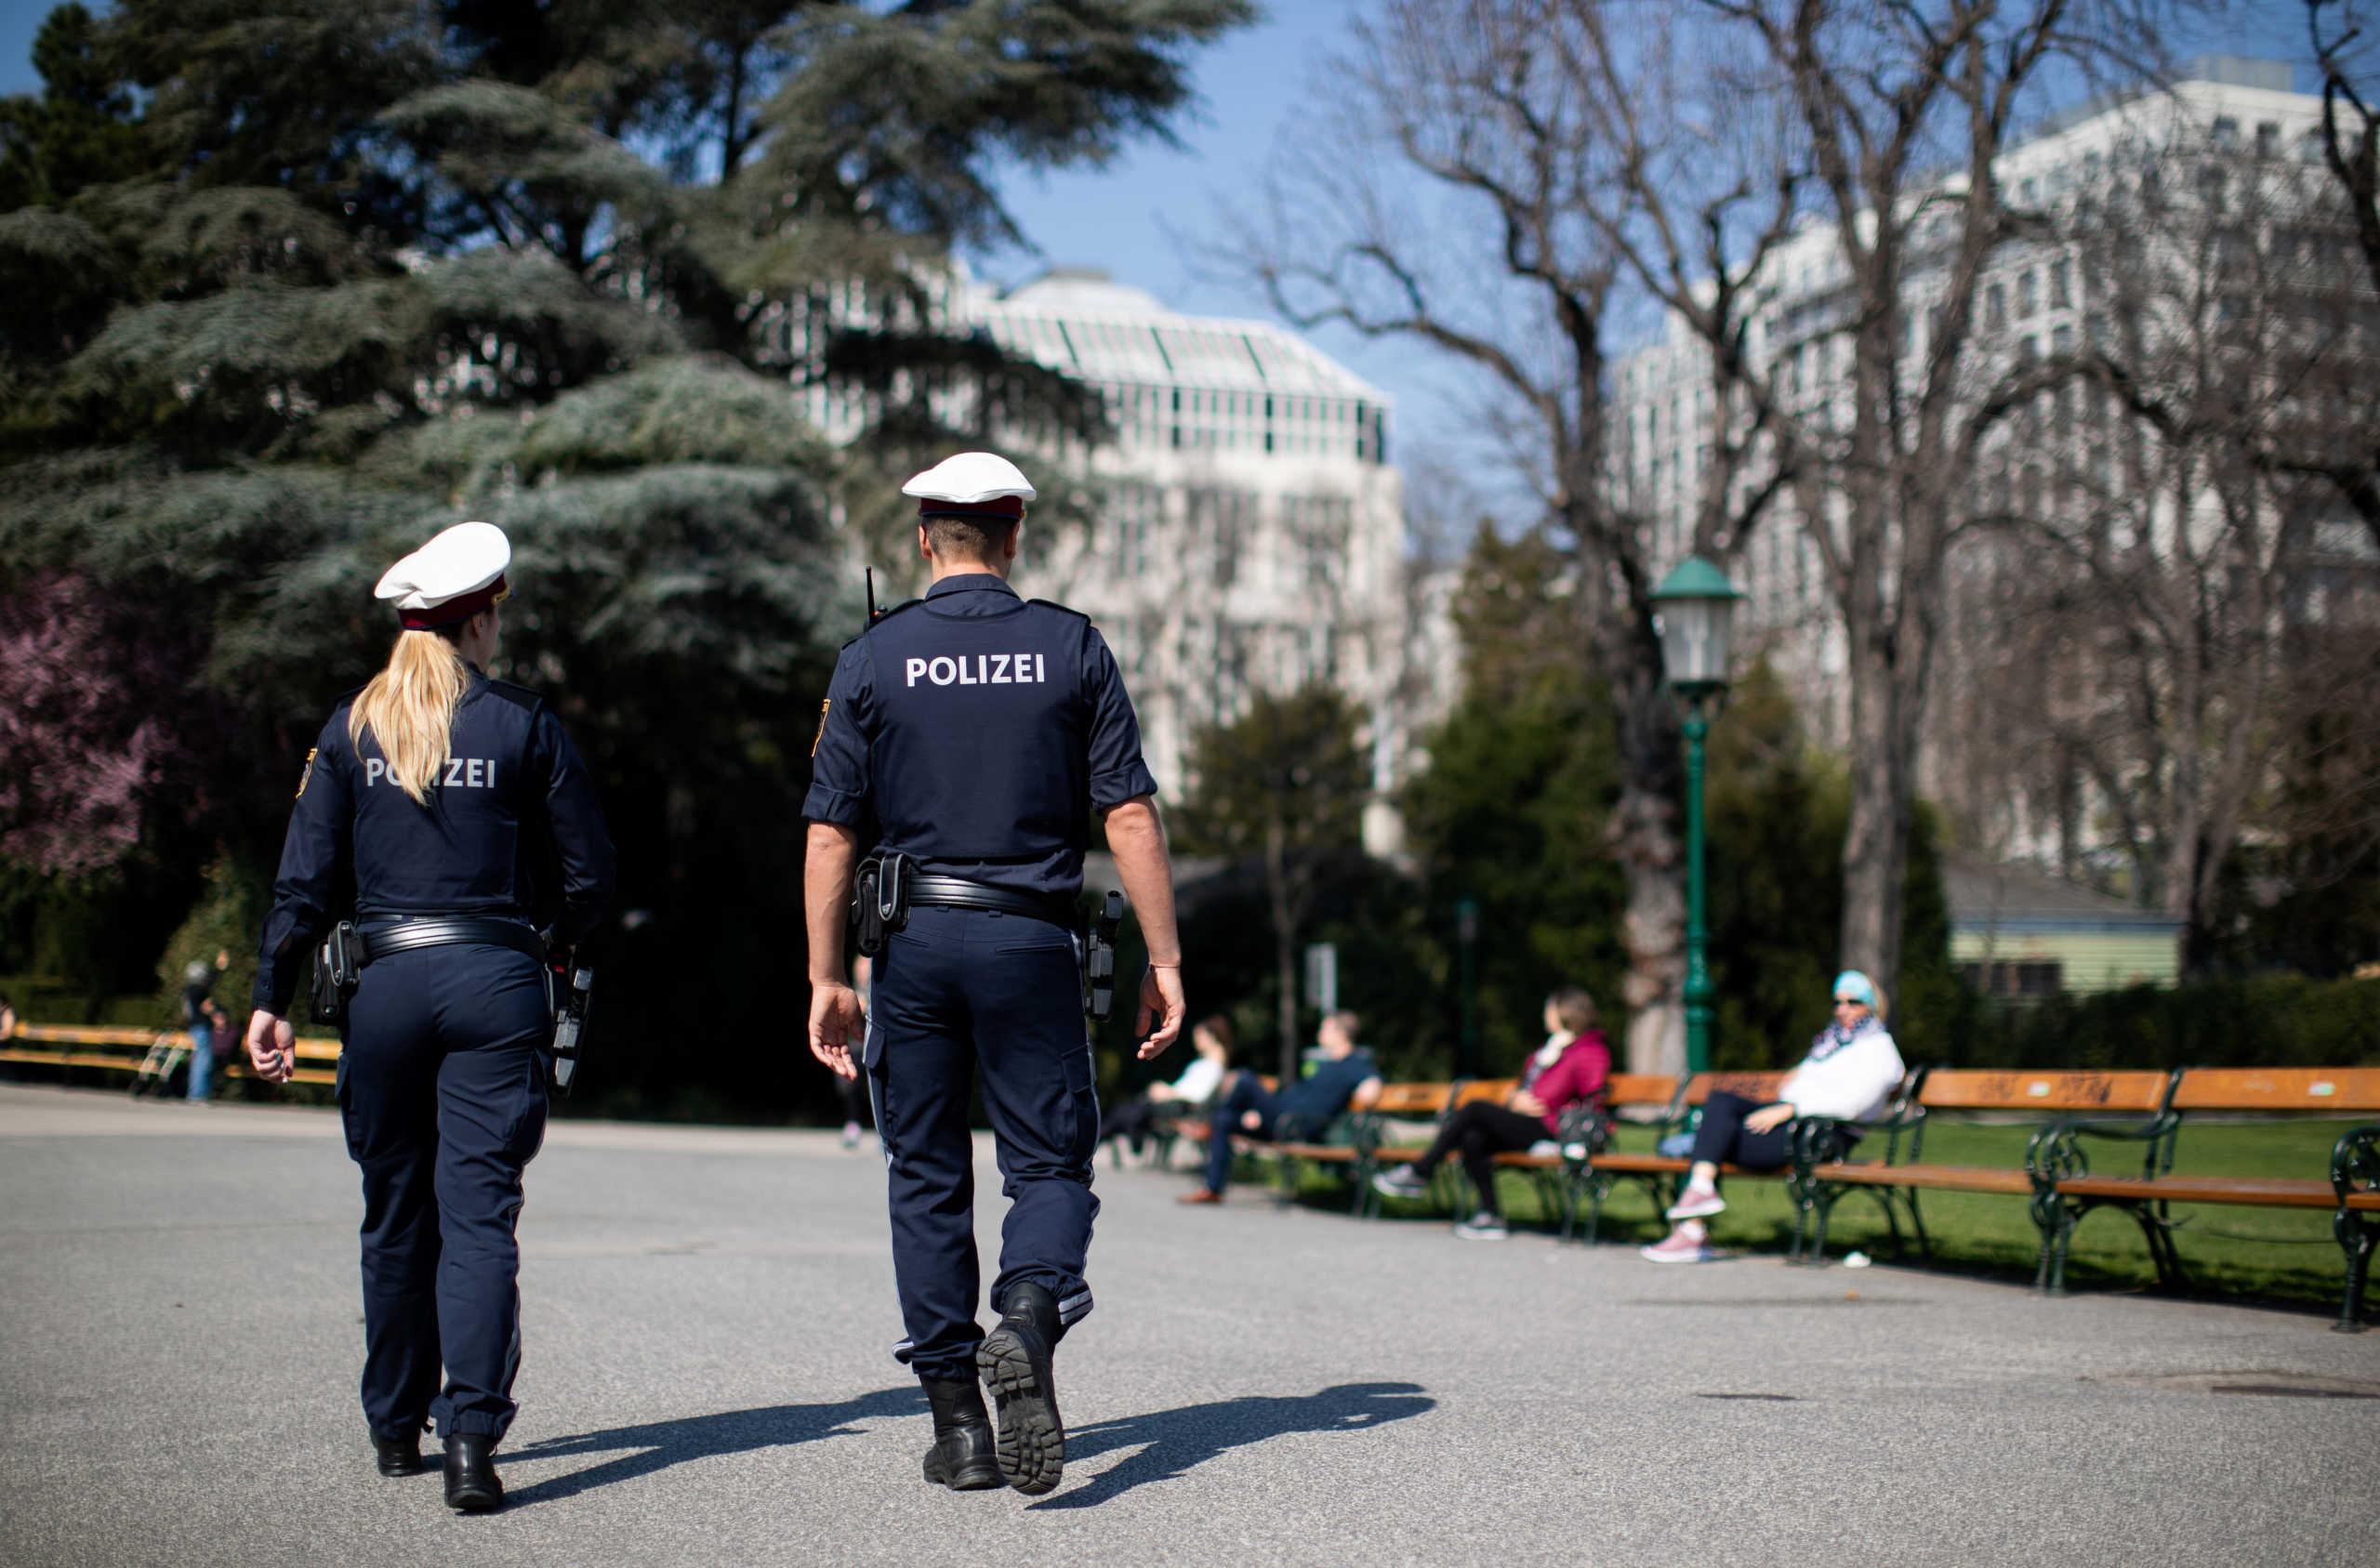 Αυστρία: Ματαιώνεται λόγω κορονοϊου το παραδοσιακό συλλαλητήριο για την Πρωτομαγιά στη Βιέννη